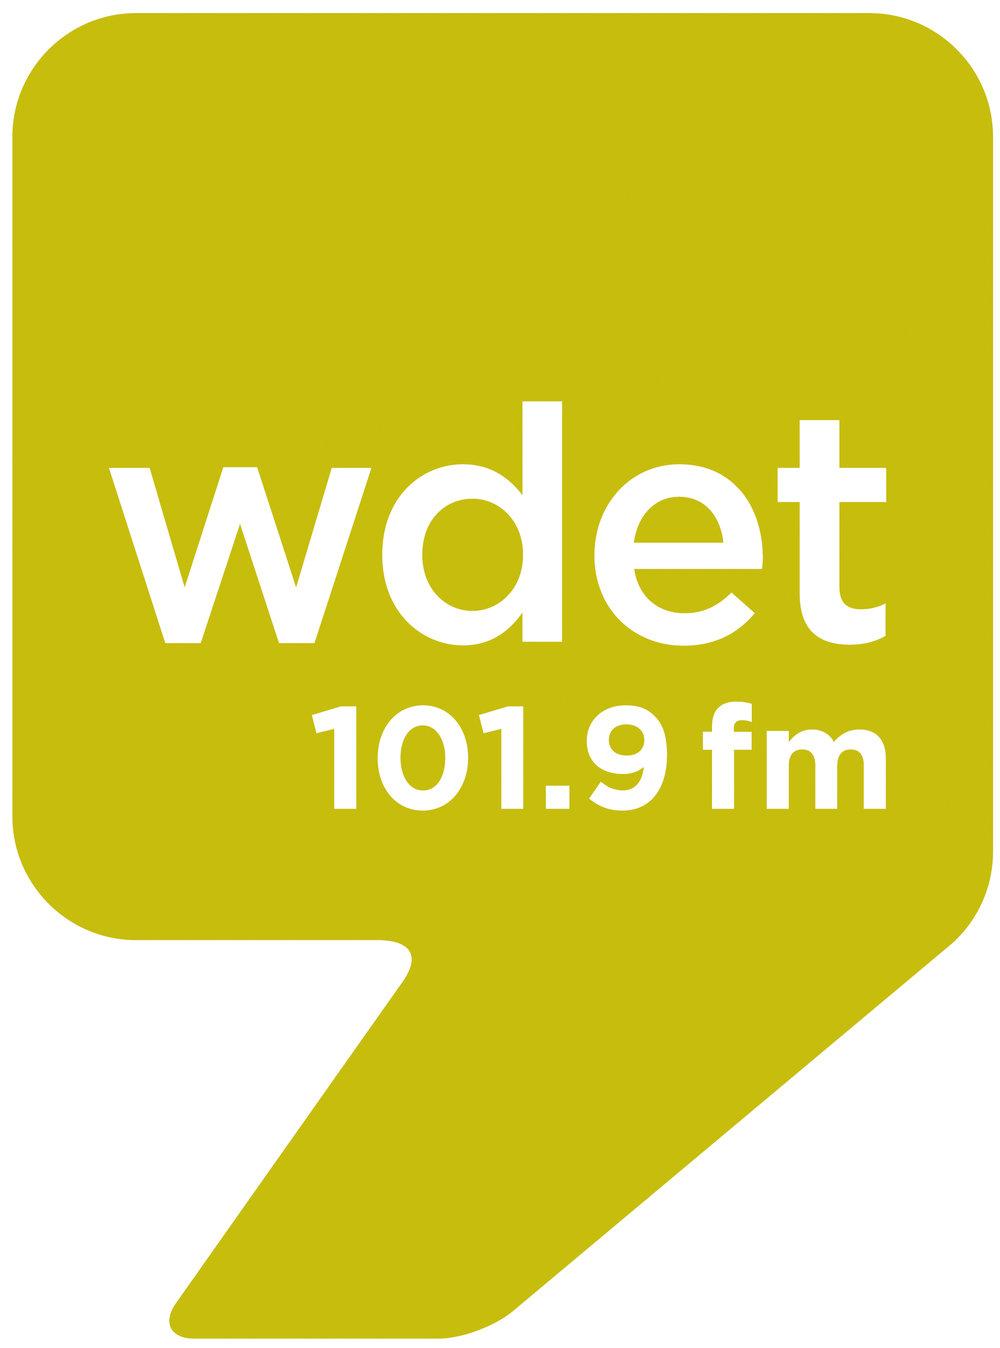 WDET_101.9_FM.jpg